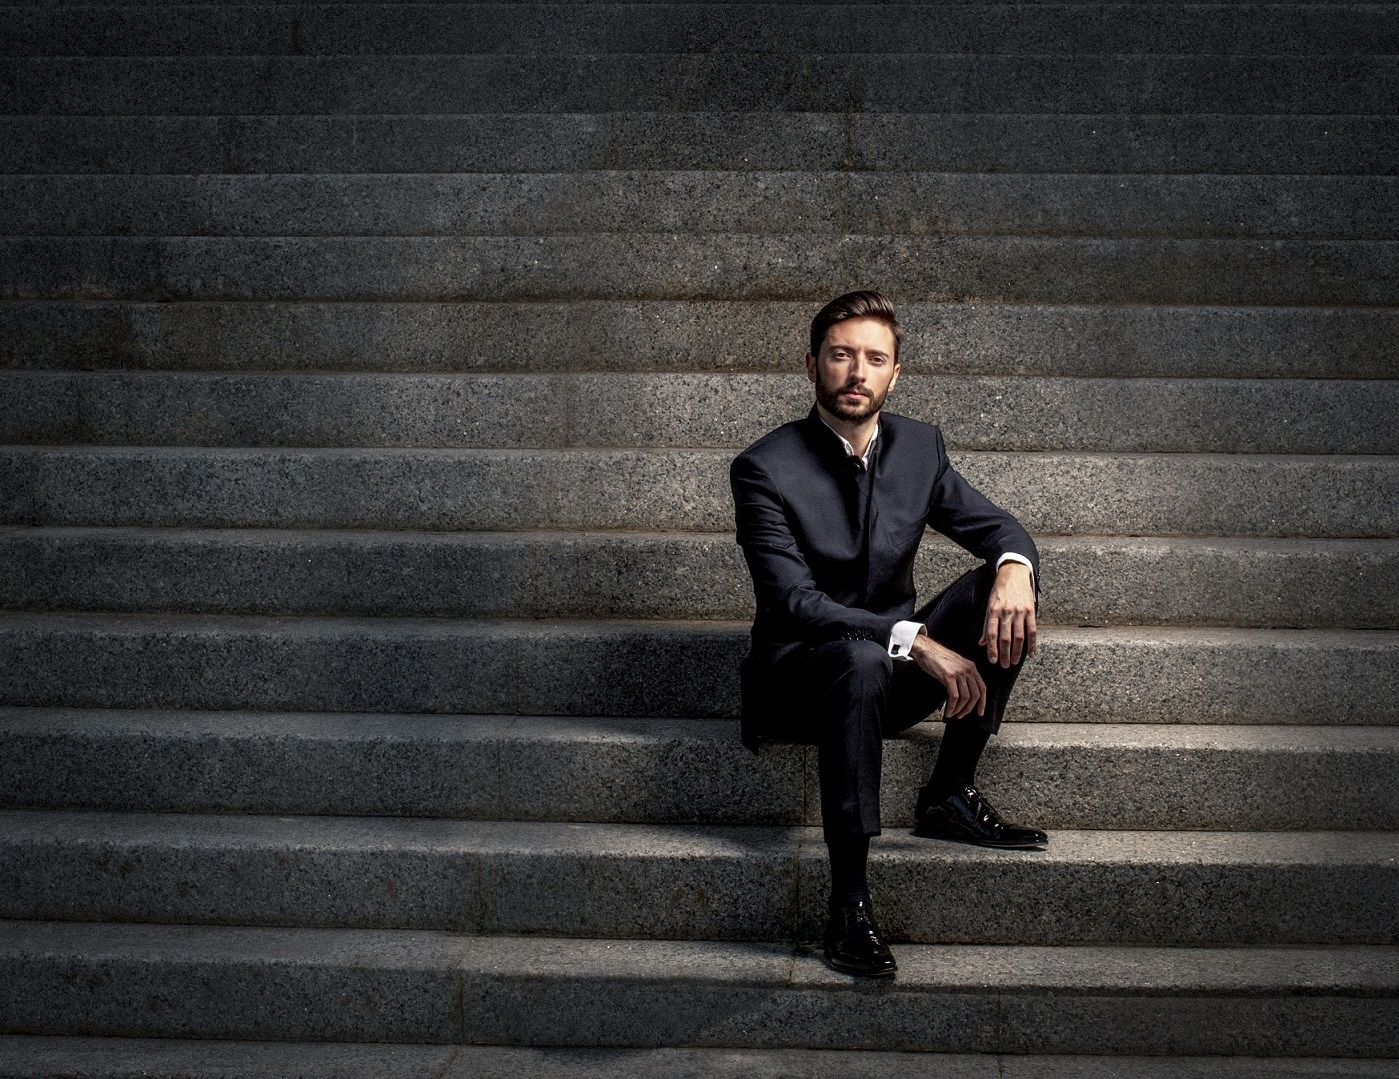 La Sinfónica de Tenerife recorre el romanticismo alemán con la dirección de Antonio Méndez